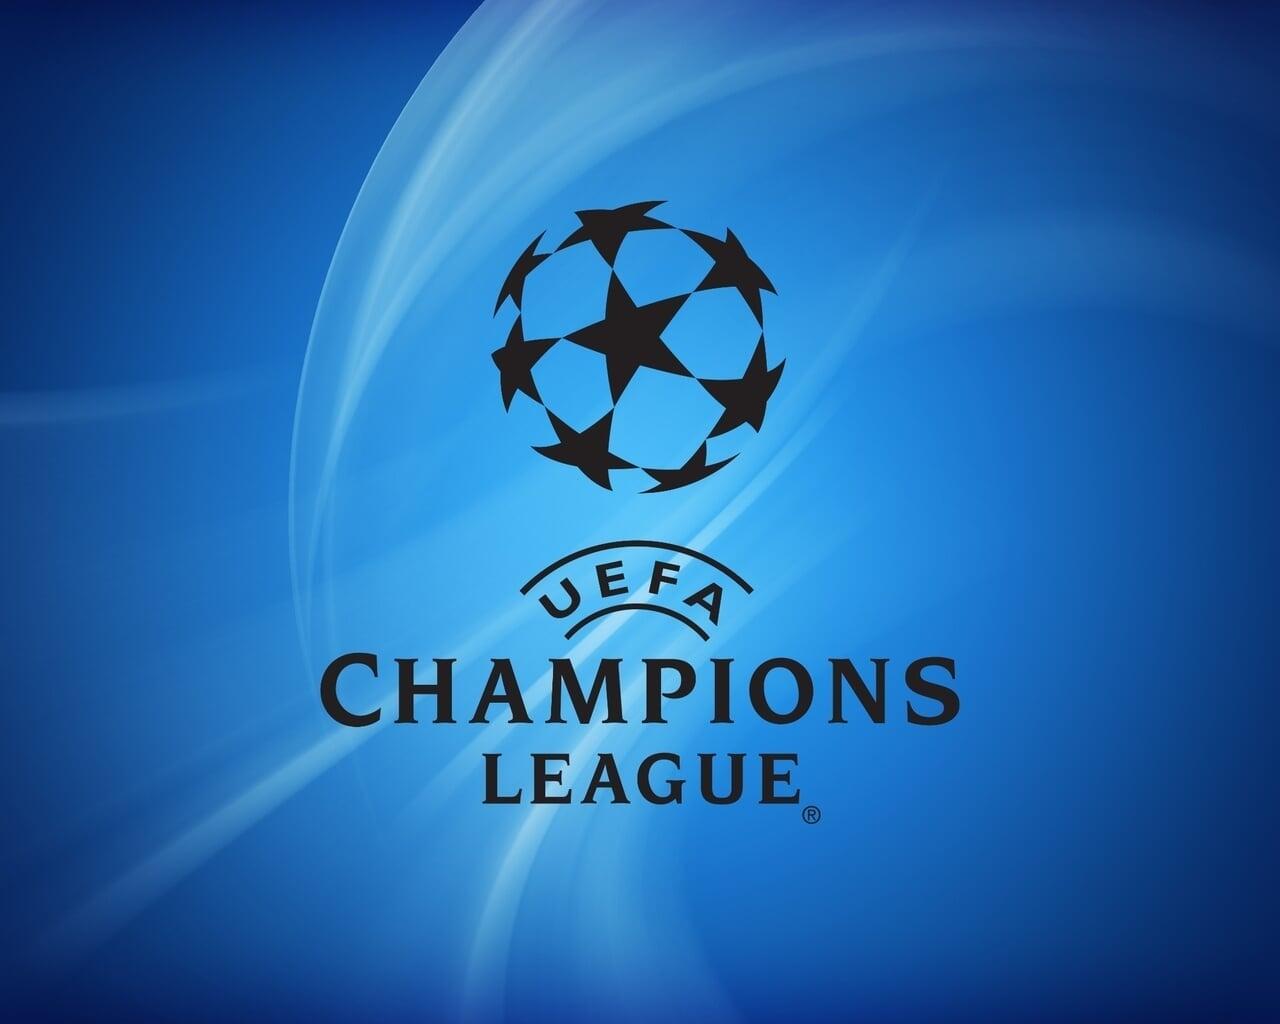 Лига чемпионов. ПСЖ против Ман Сити, Милан сыграет с Атлетико, Ливерпуль в гостях у Порту, Реал  Шериф